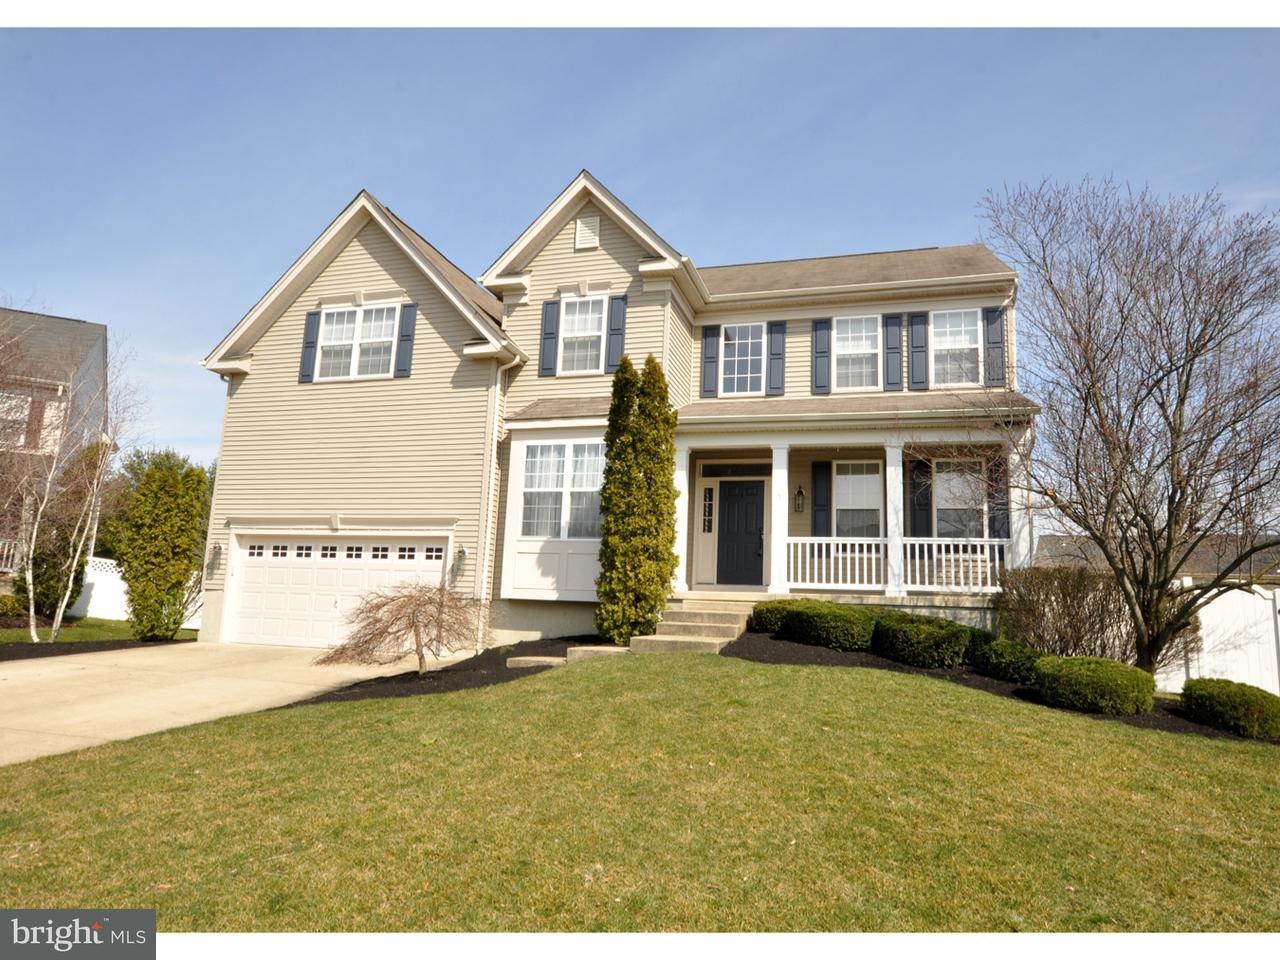 Casa Unifamiliar por un Venta en 5 BERGAN Court Evesham, Nueva Jersey 08053 Estados Unidos